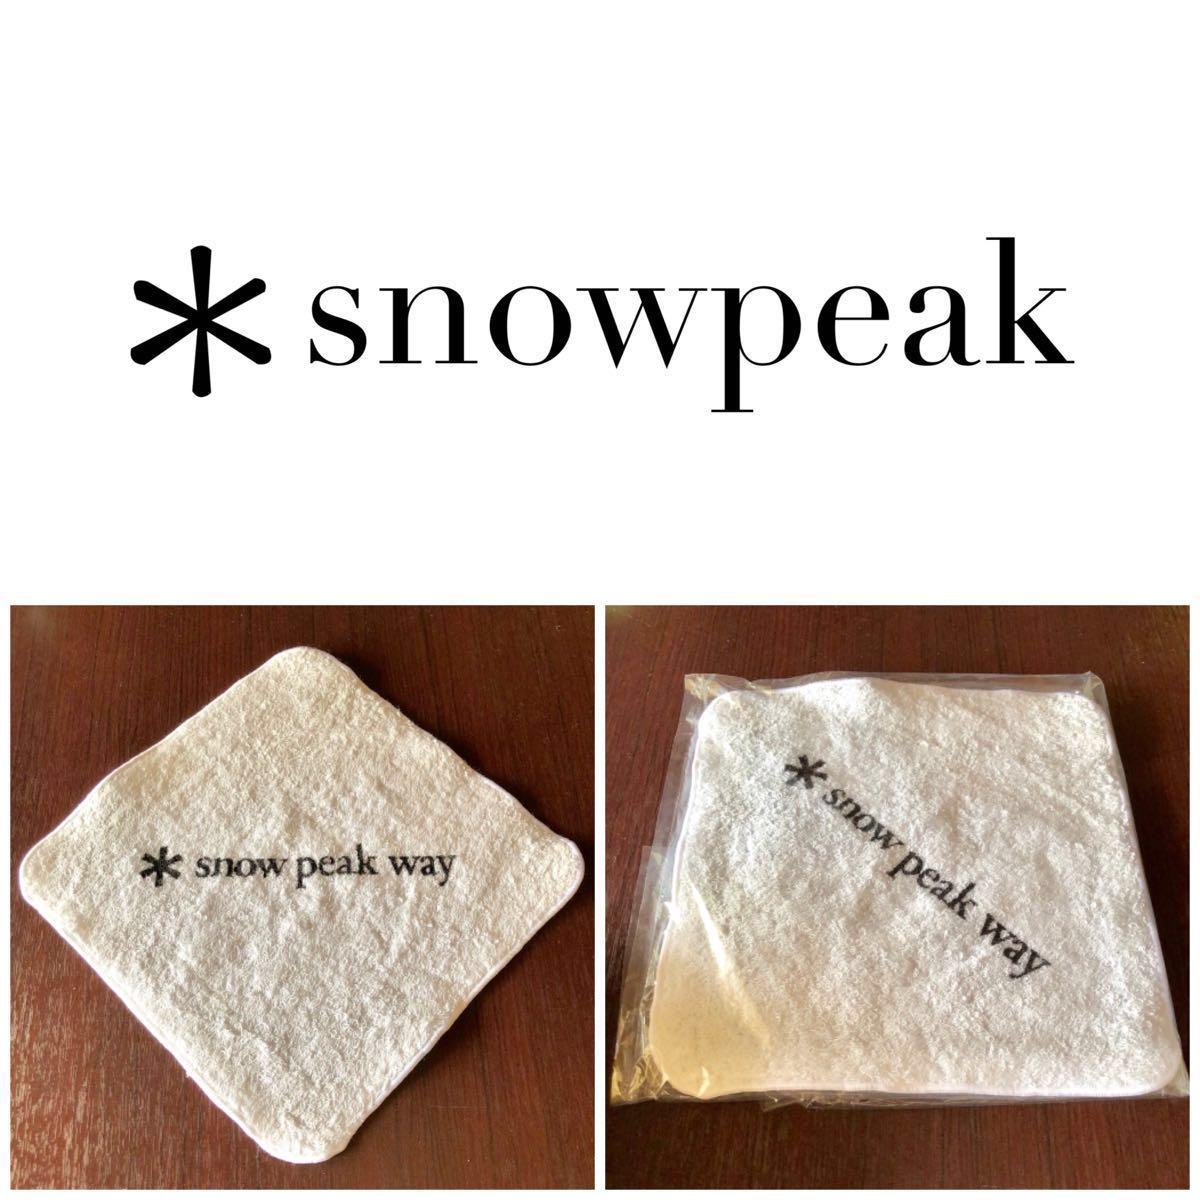 激レア★非売品 snowpeak way ハンドタオル新品未使用 スノーピーク キャンプ アウトドア BBQ Coleman LOGOS UNIFLAME snow peak グッズ